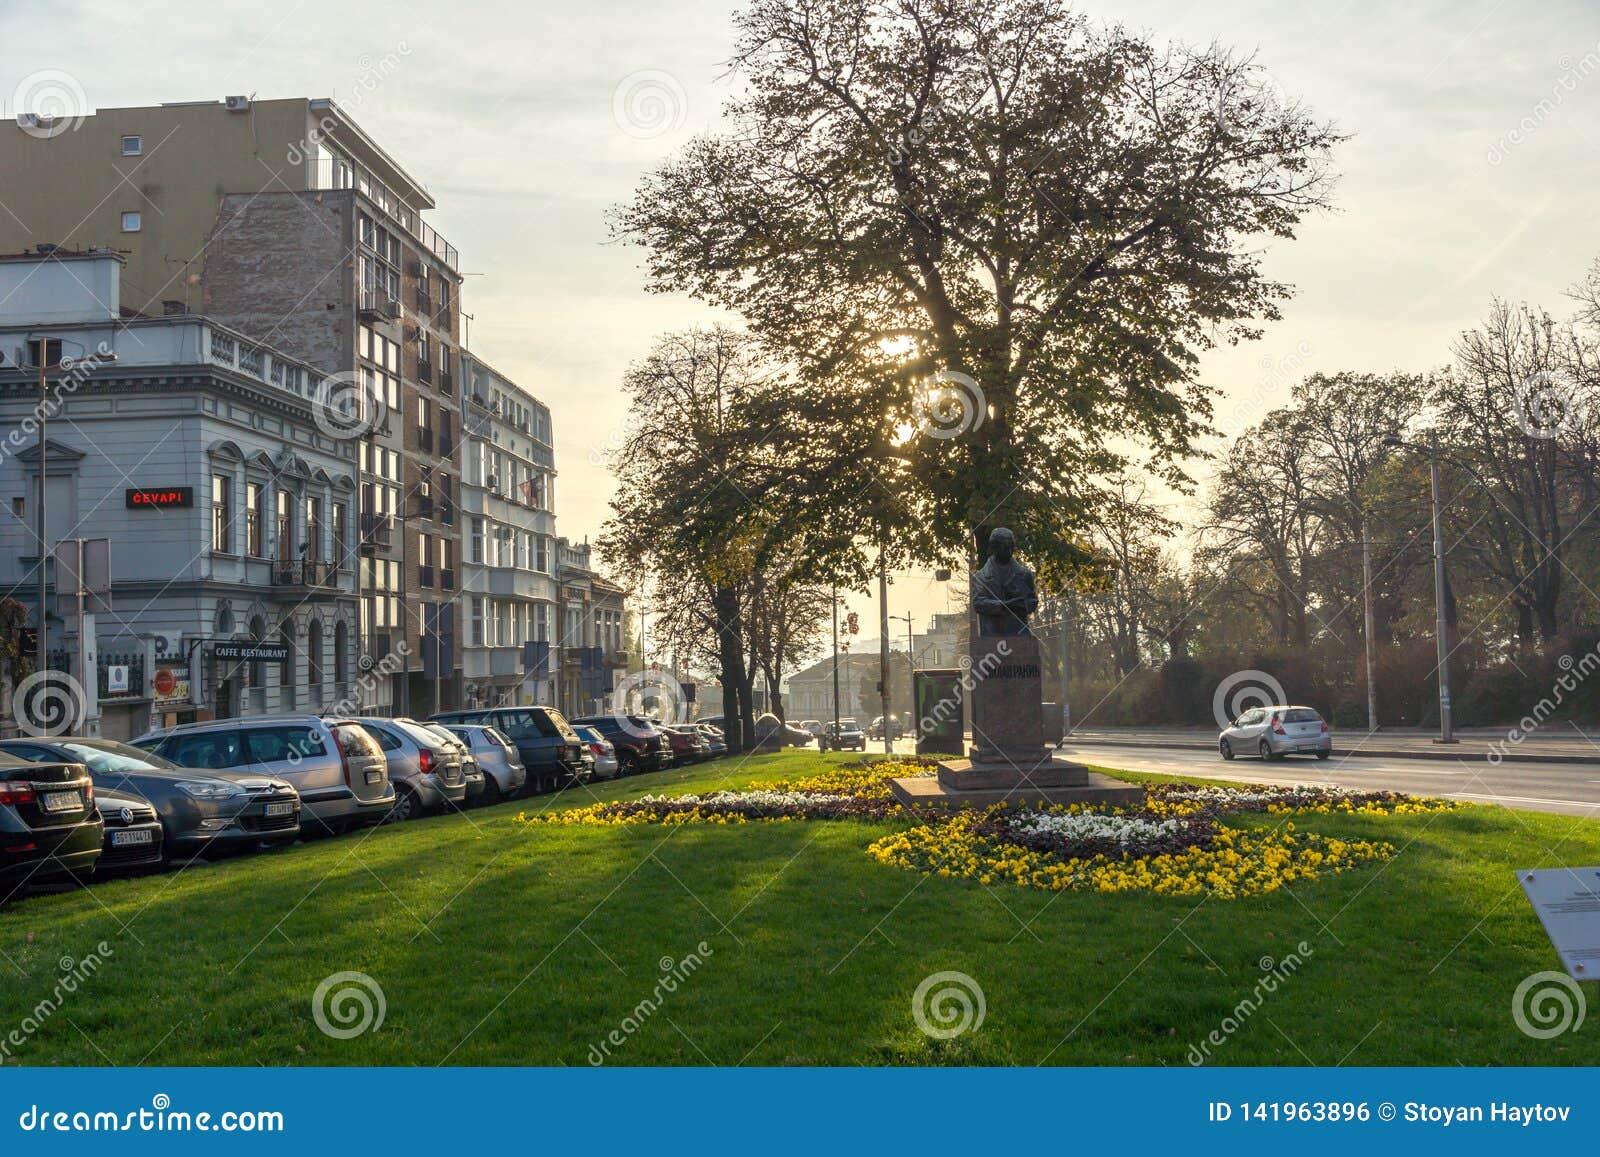 BELGRAD, SERBIEN - 10. NOVEMBER 2018: Typisches Gebäude und Straße in der Mitte der Stadt von Belgrad, Serbien